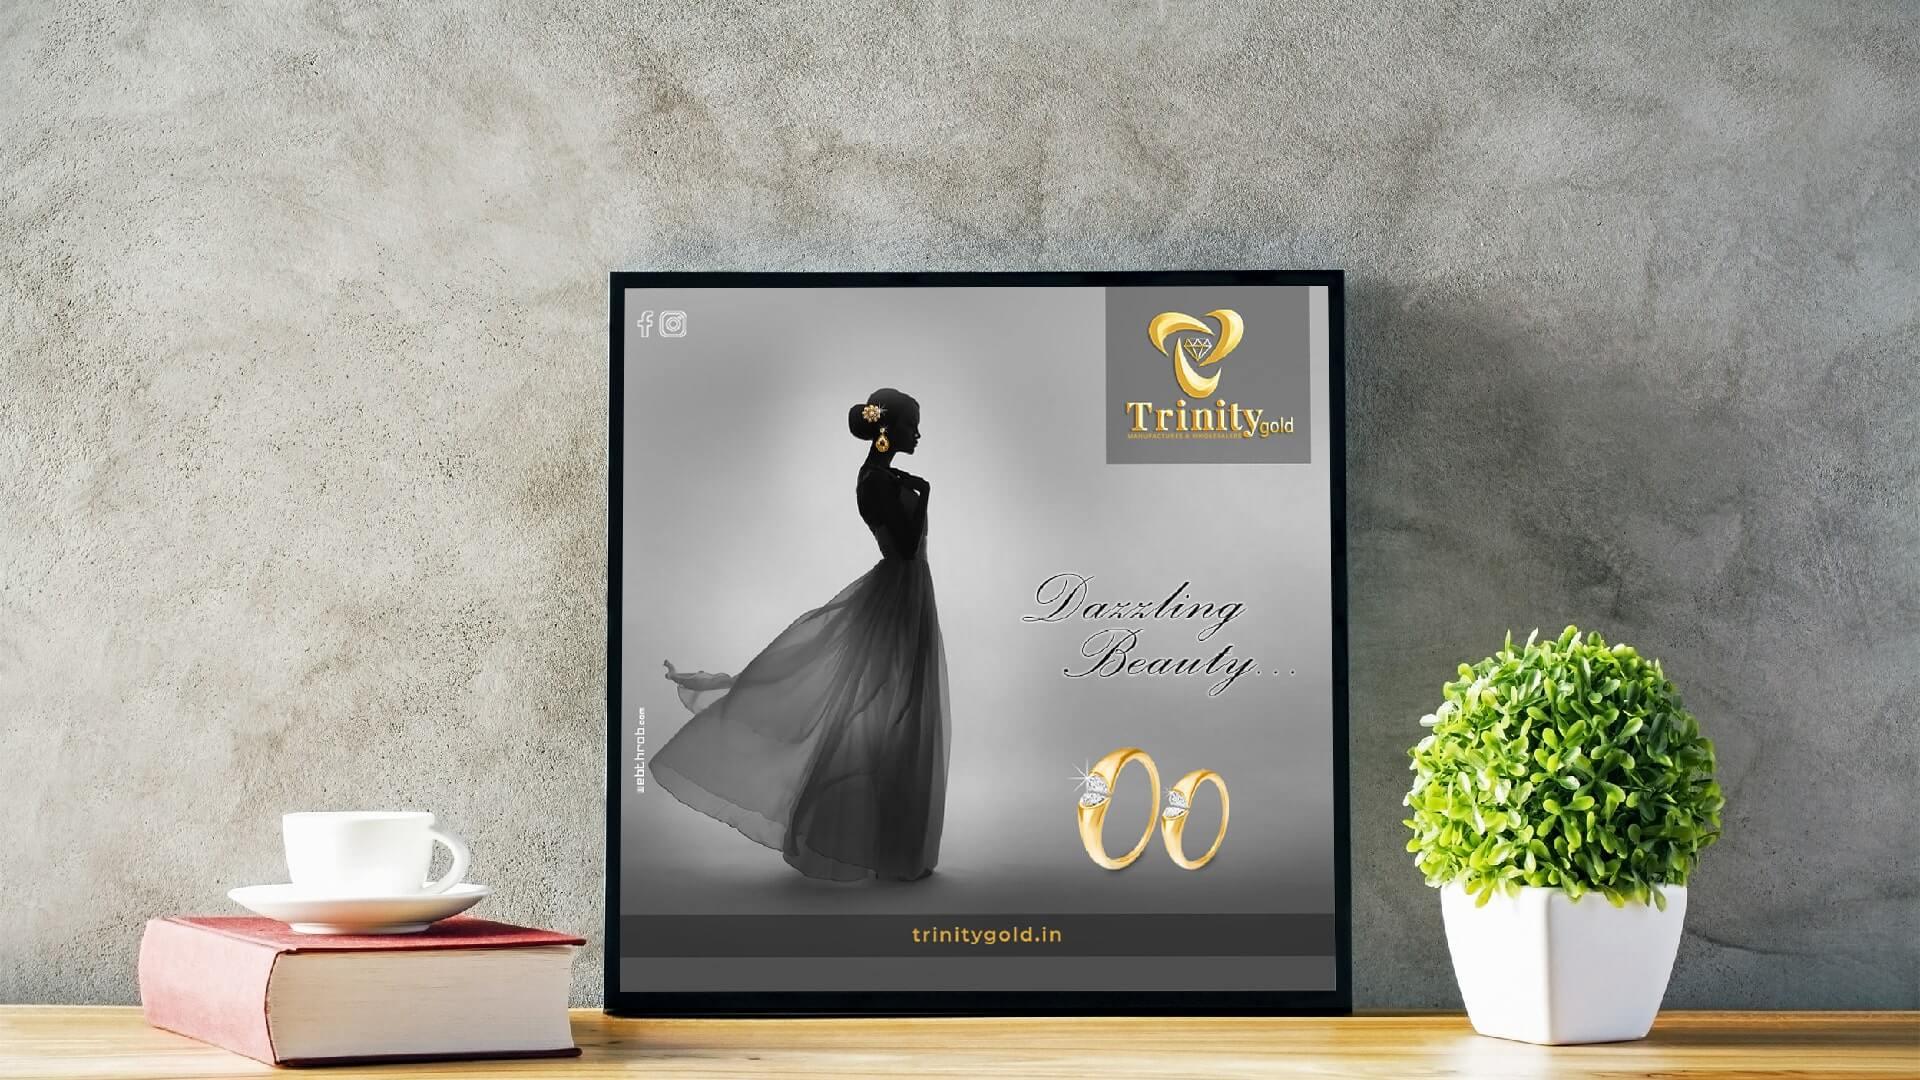 Trinity Gold Main Webthrob Advertising Agency in Kerala Website Designing Agency in Kerala Social Media Marketing +917034034444-5-min